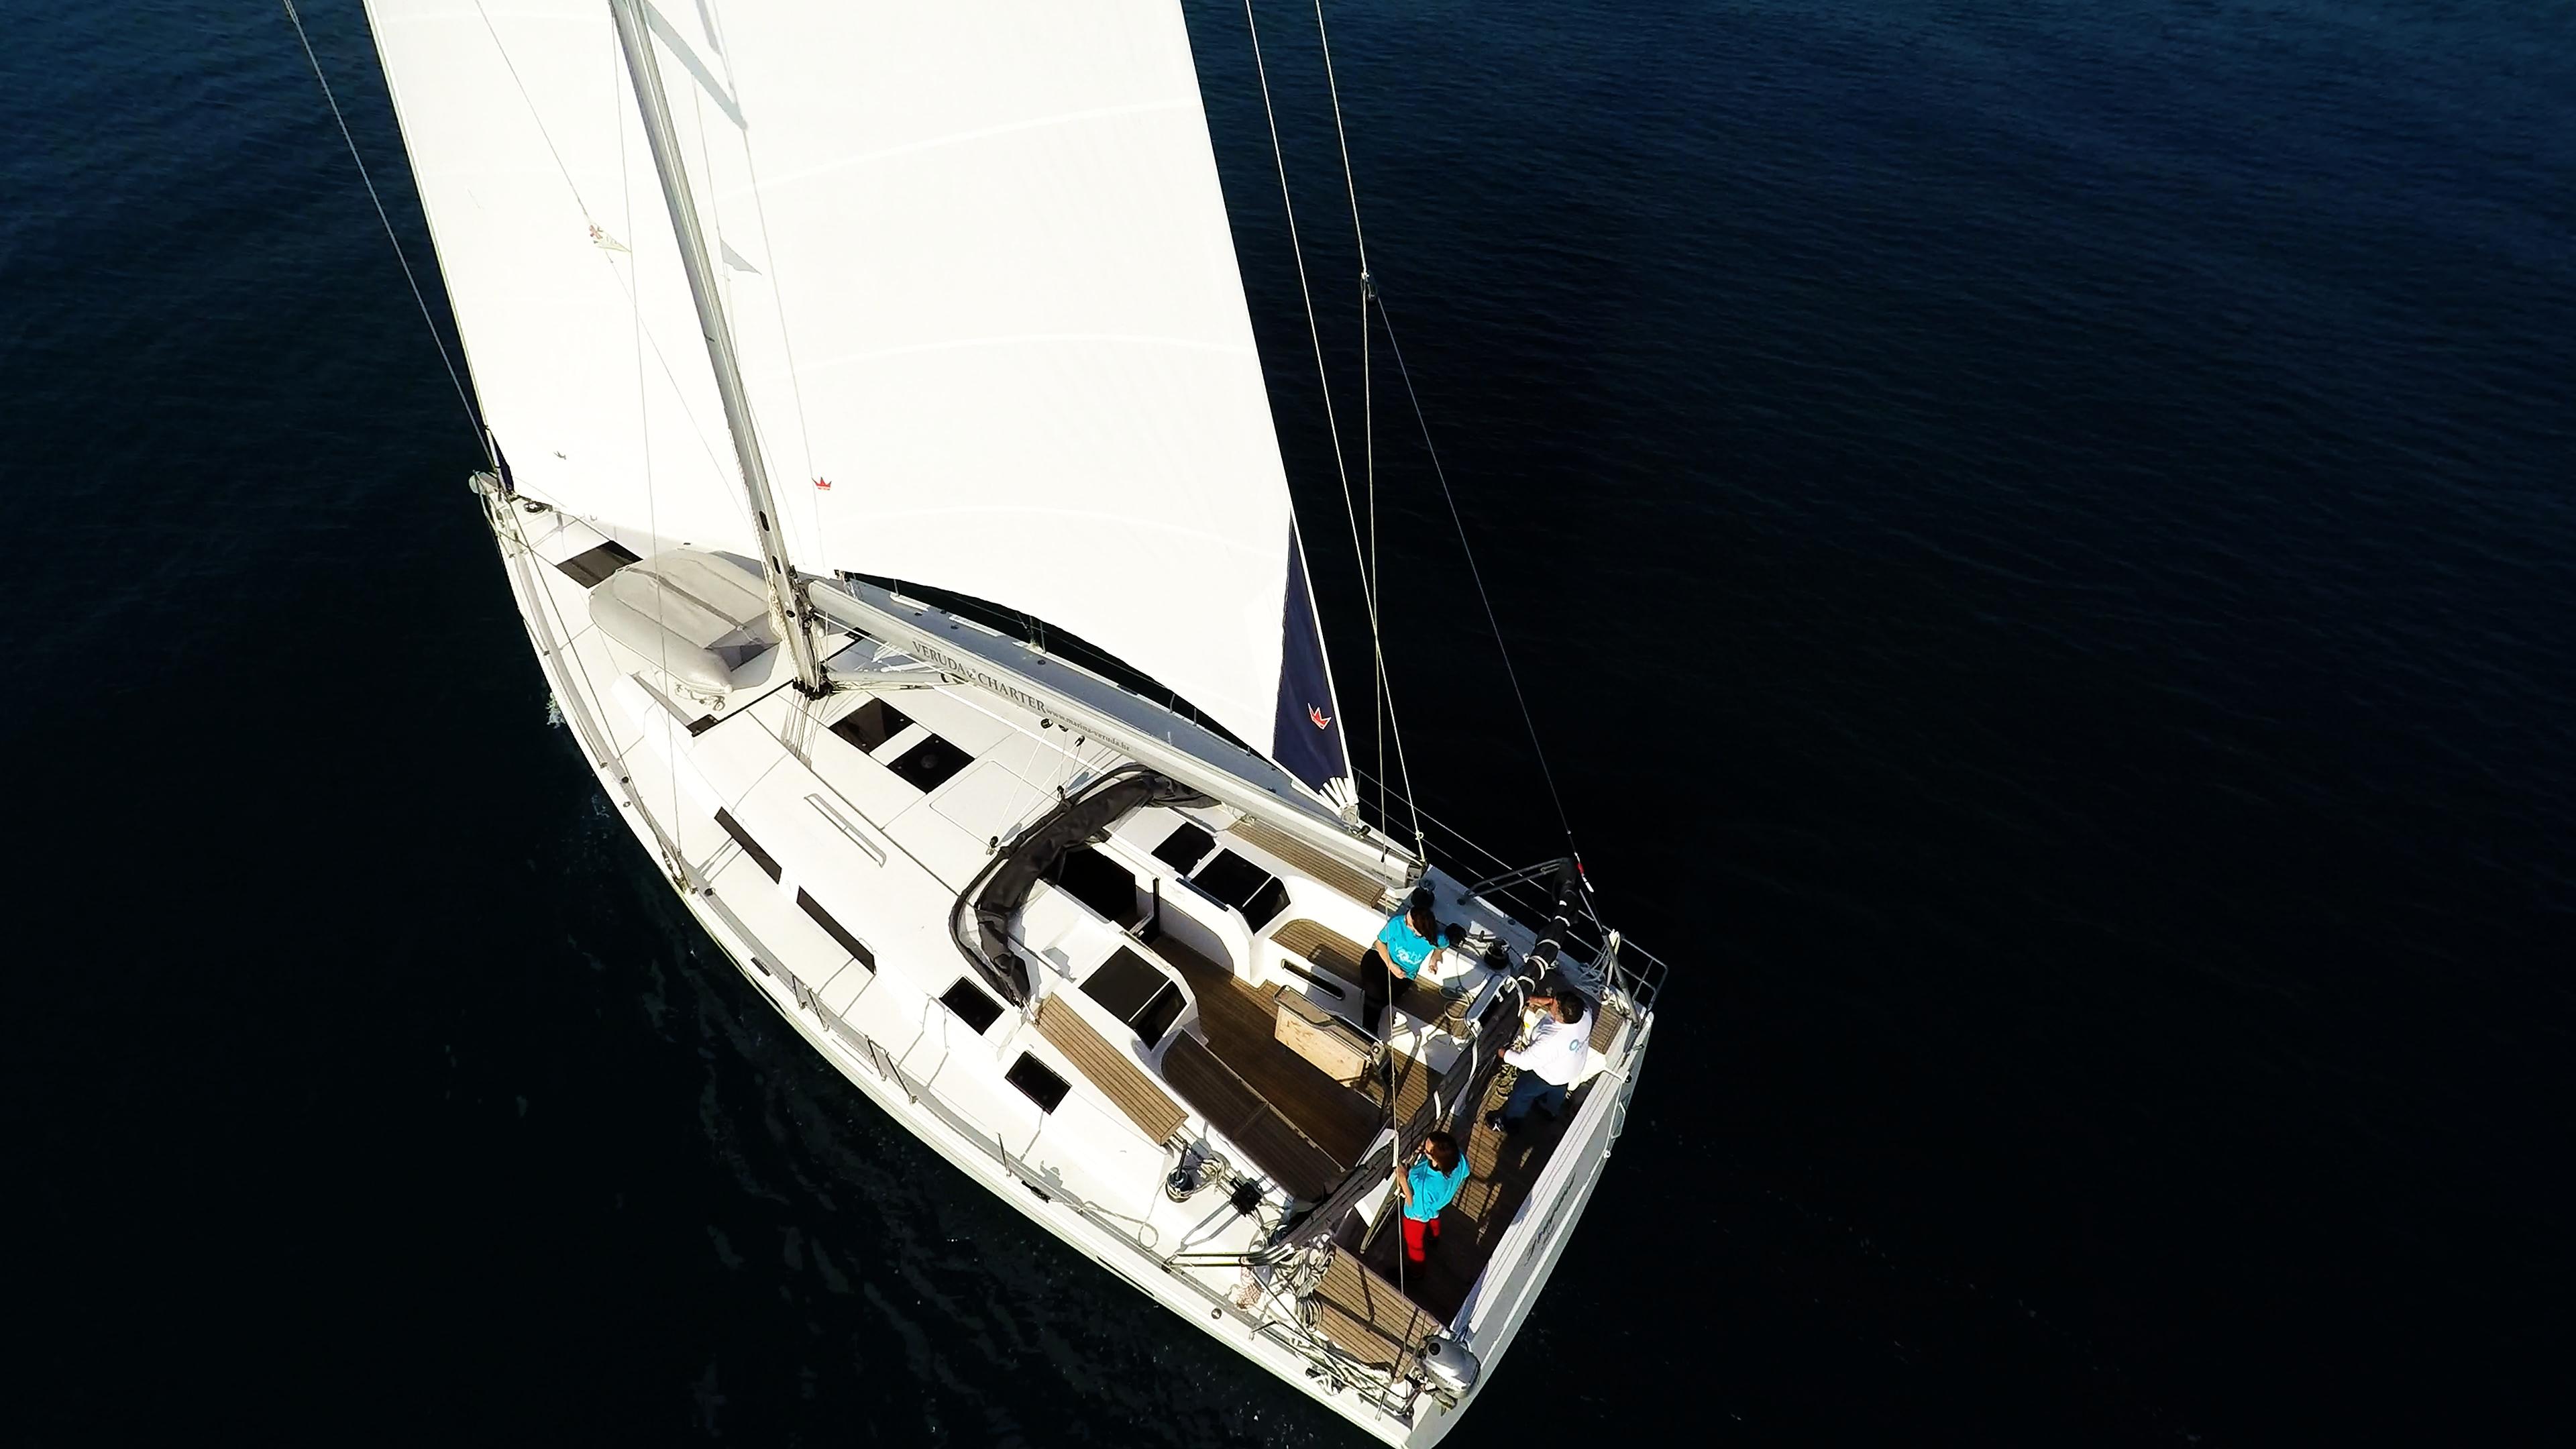 Segelyacht Hanse 505 Deck von oben Segelyacht